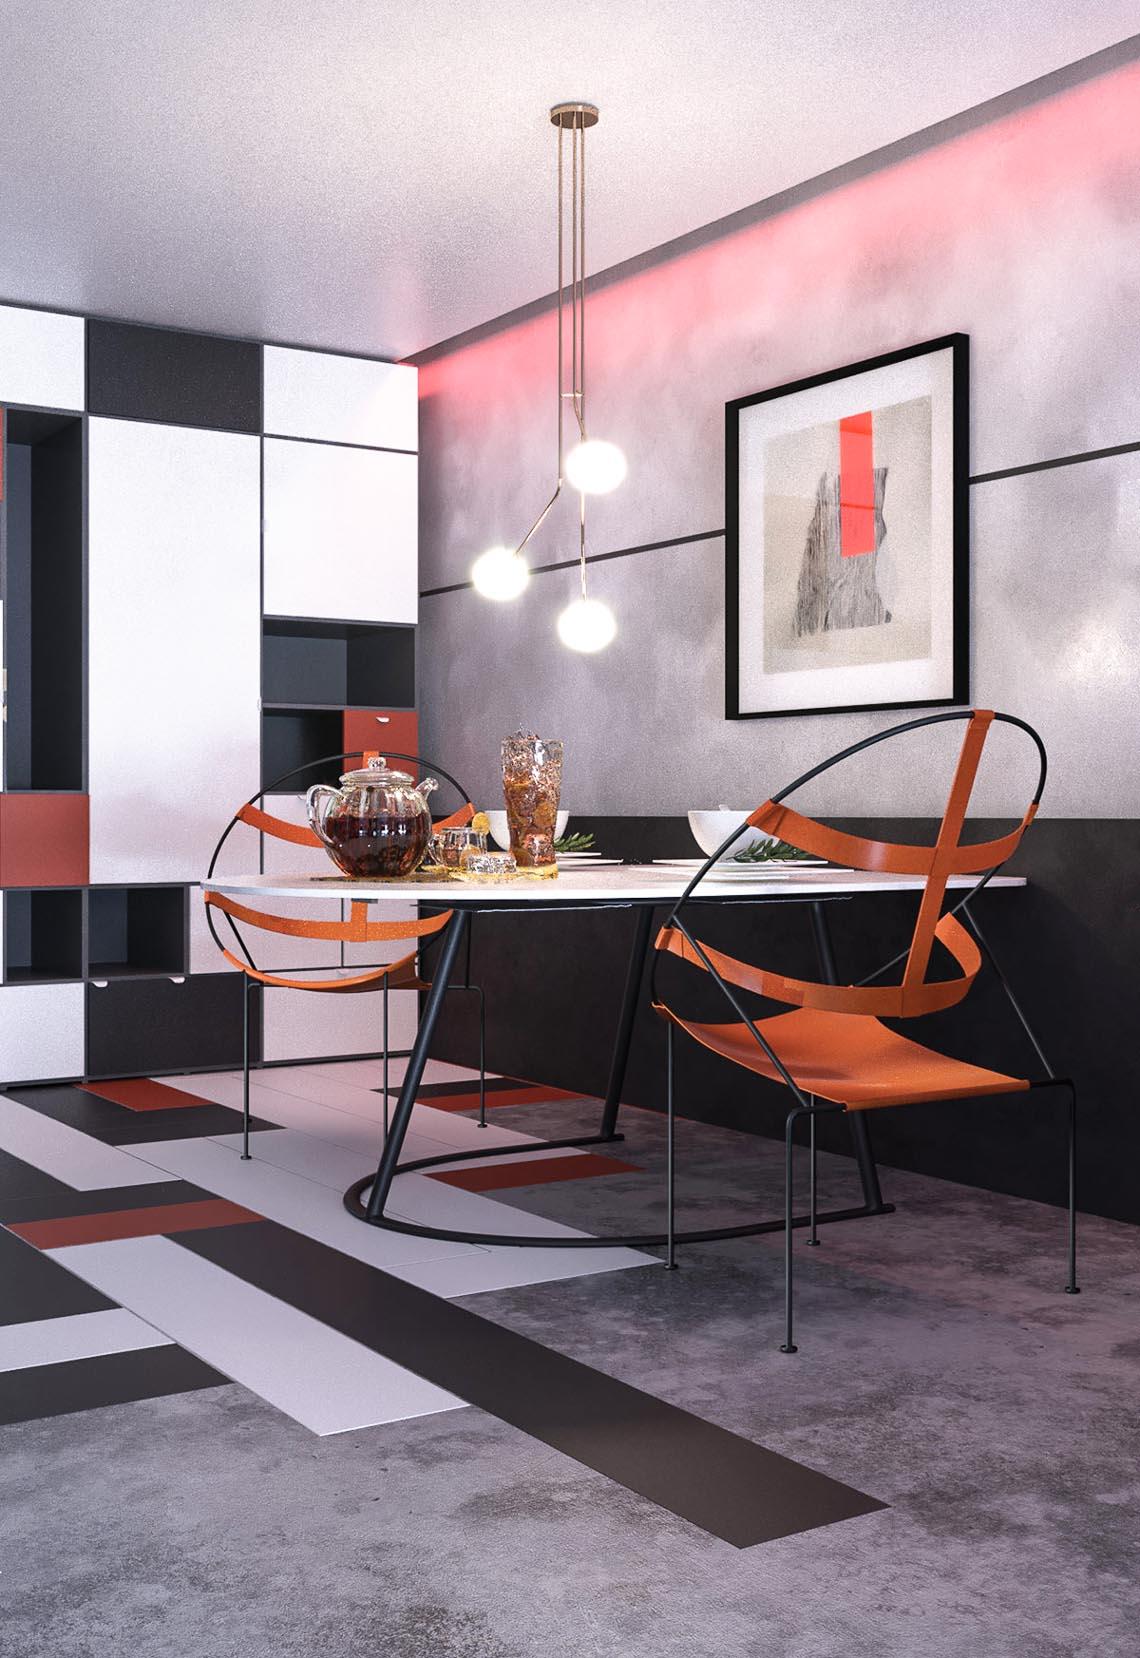 Thiết kế nội thất hiện đại với tông màu đỏ và xám theo phong cách Nhật Bản-5